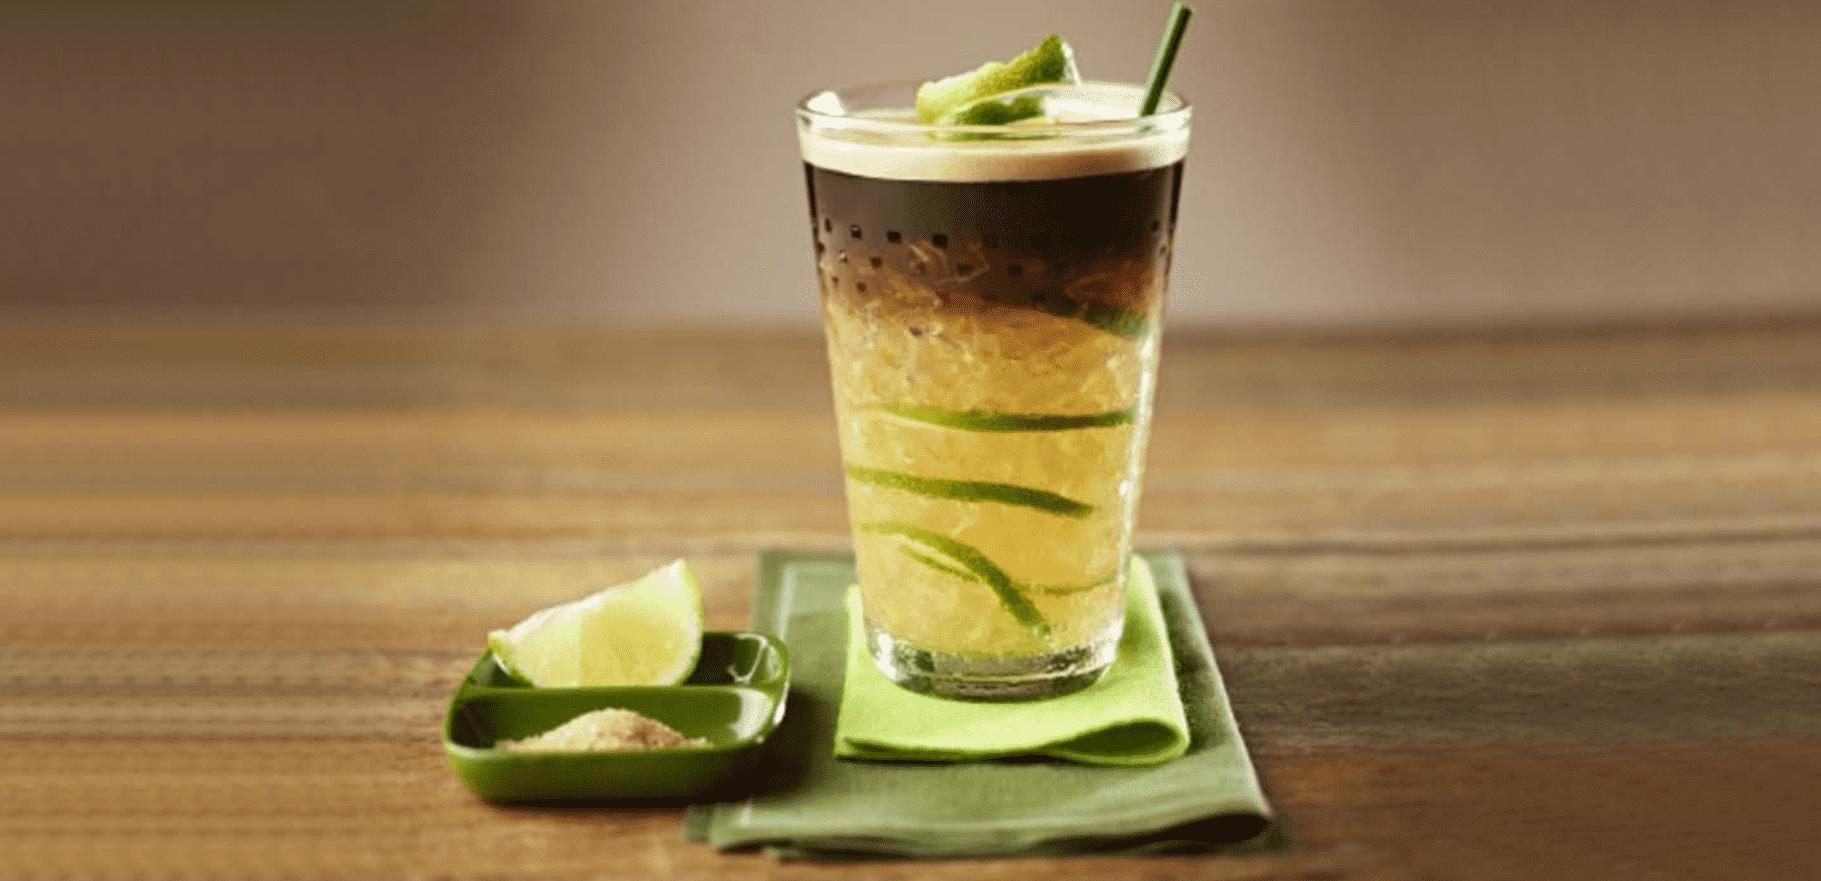 Foto mostra uma caipiroska de café.